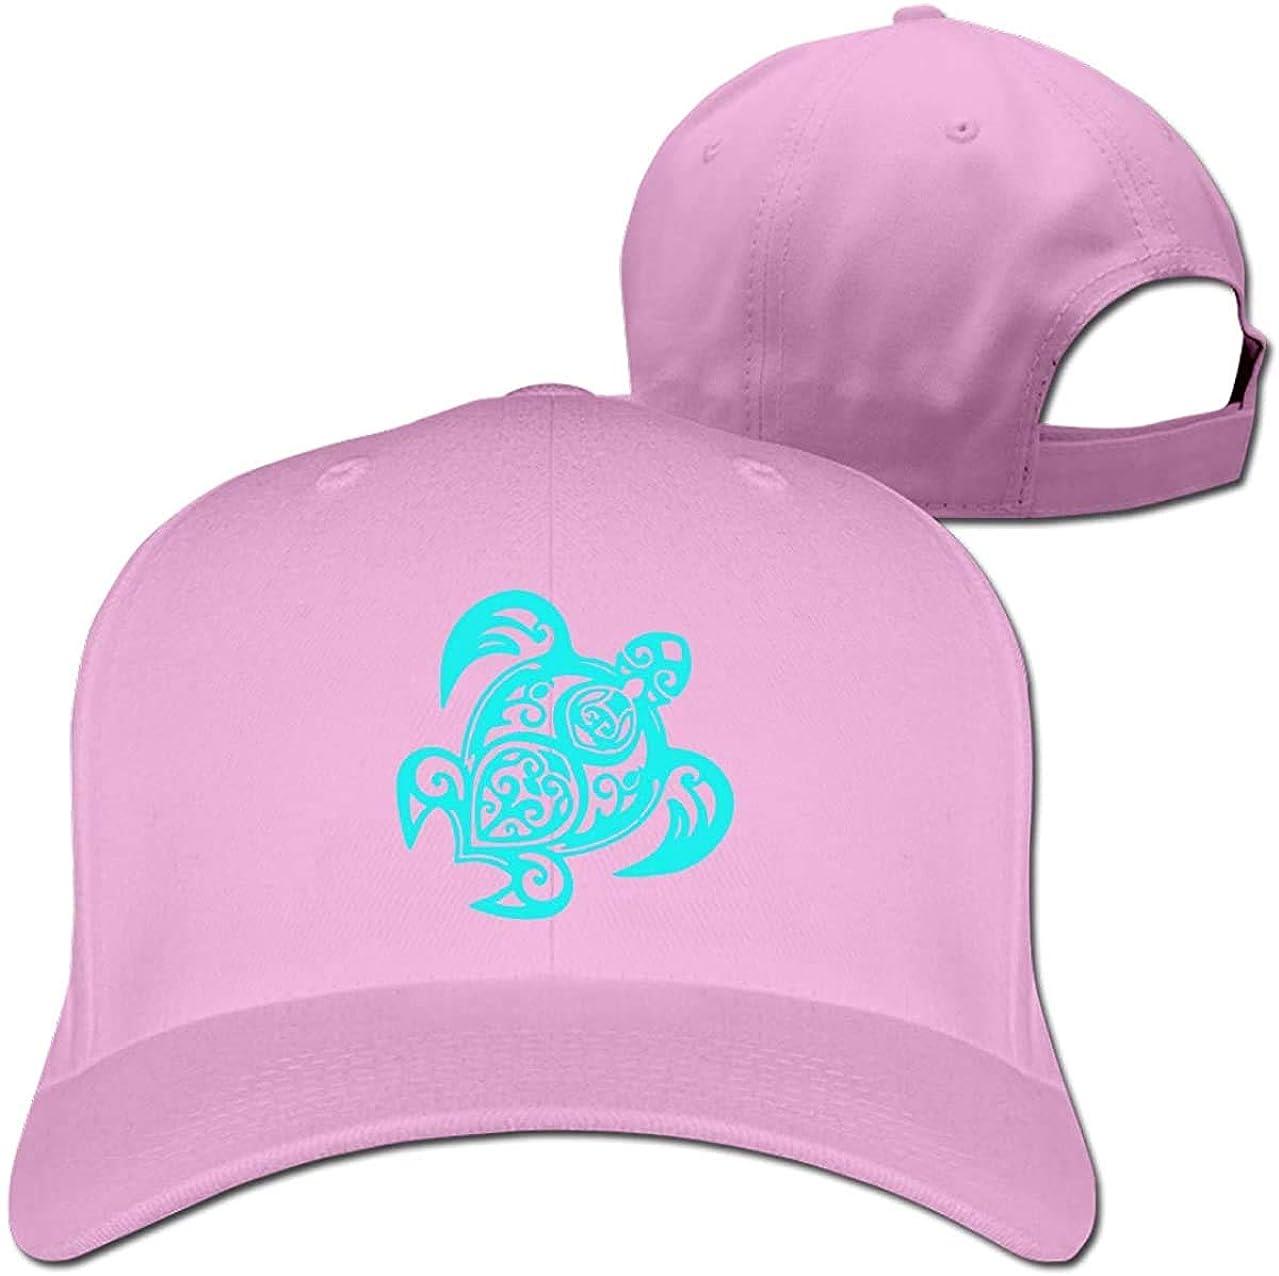 長老舗装する可能性ウミガメ ハット 男 ピークキャップ 運動帽 耐紫外線性 釣り用帽子 日やけ止め 屋外 釣り